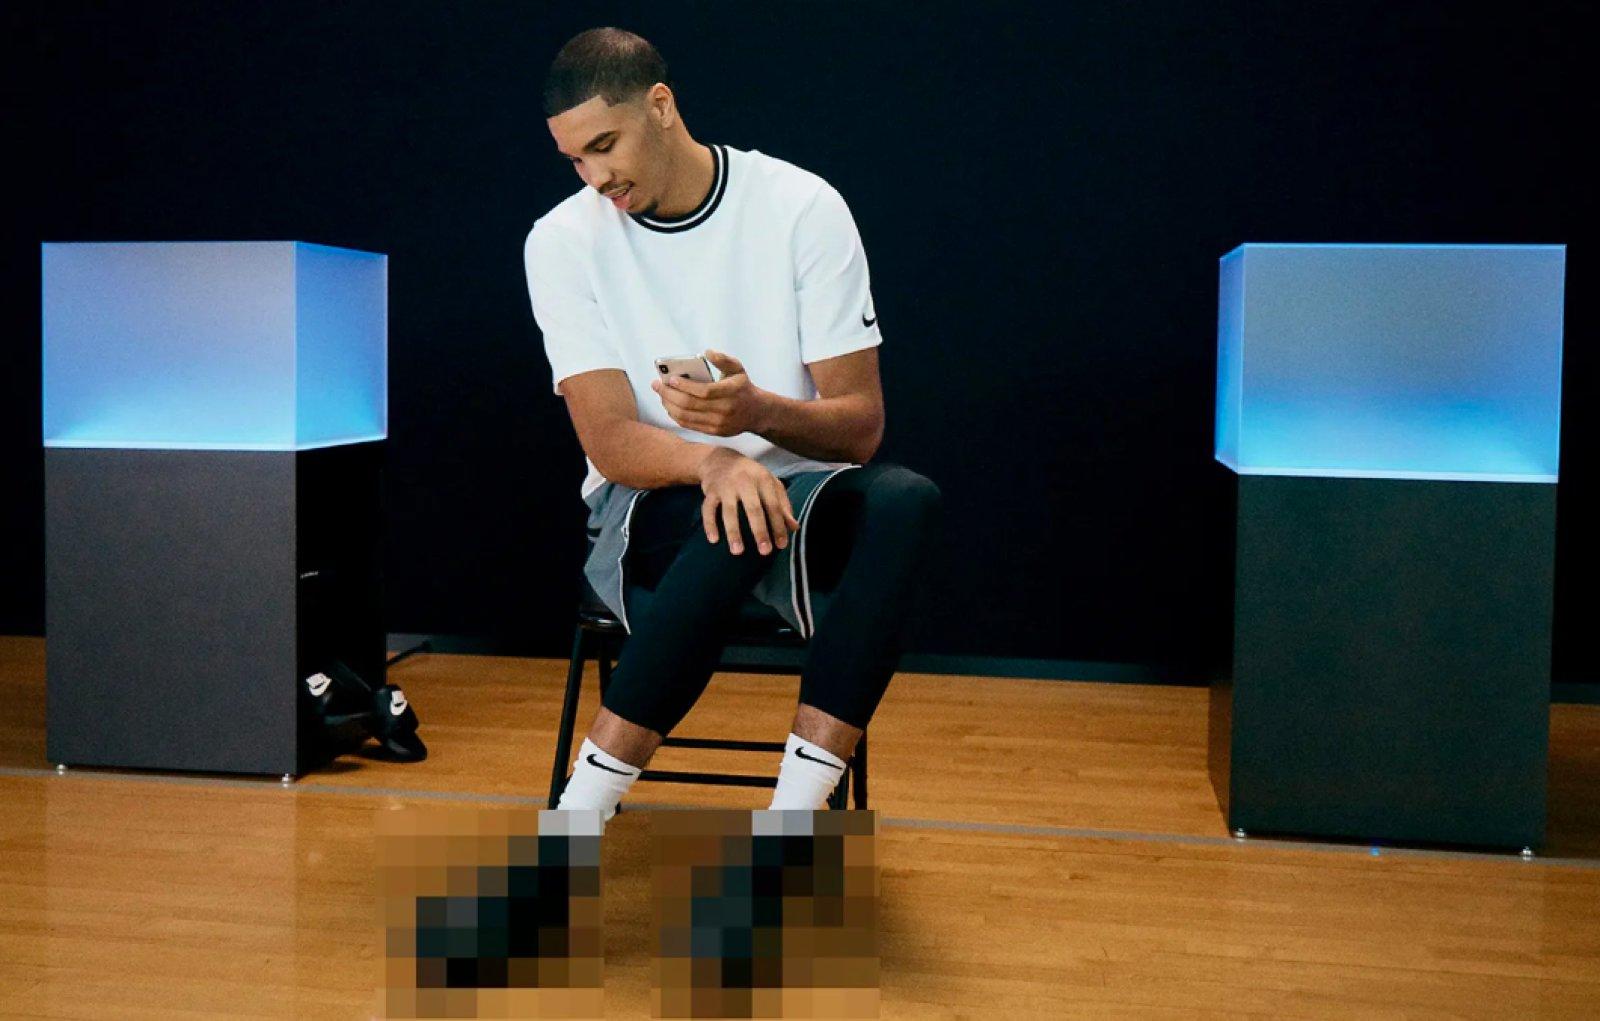 06961fe8 Nike дразнит новым видео перед завтрашним анонсом самозашнуровывающихся  кроссовок, которые будут сопрягаться со смартфоном